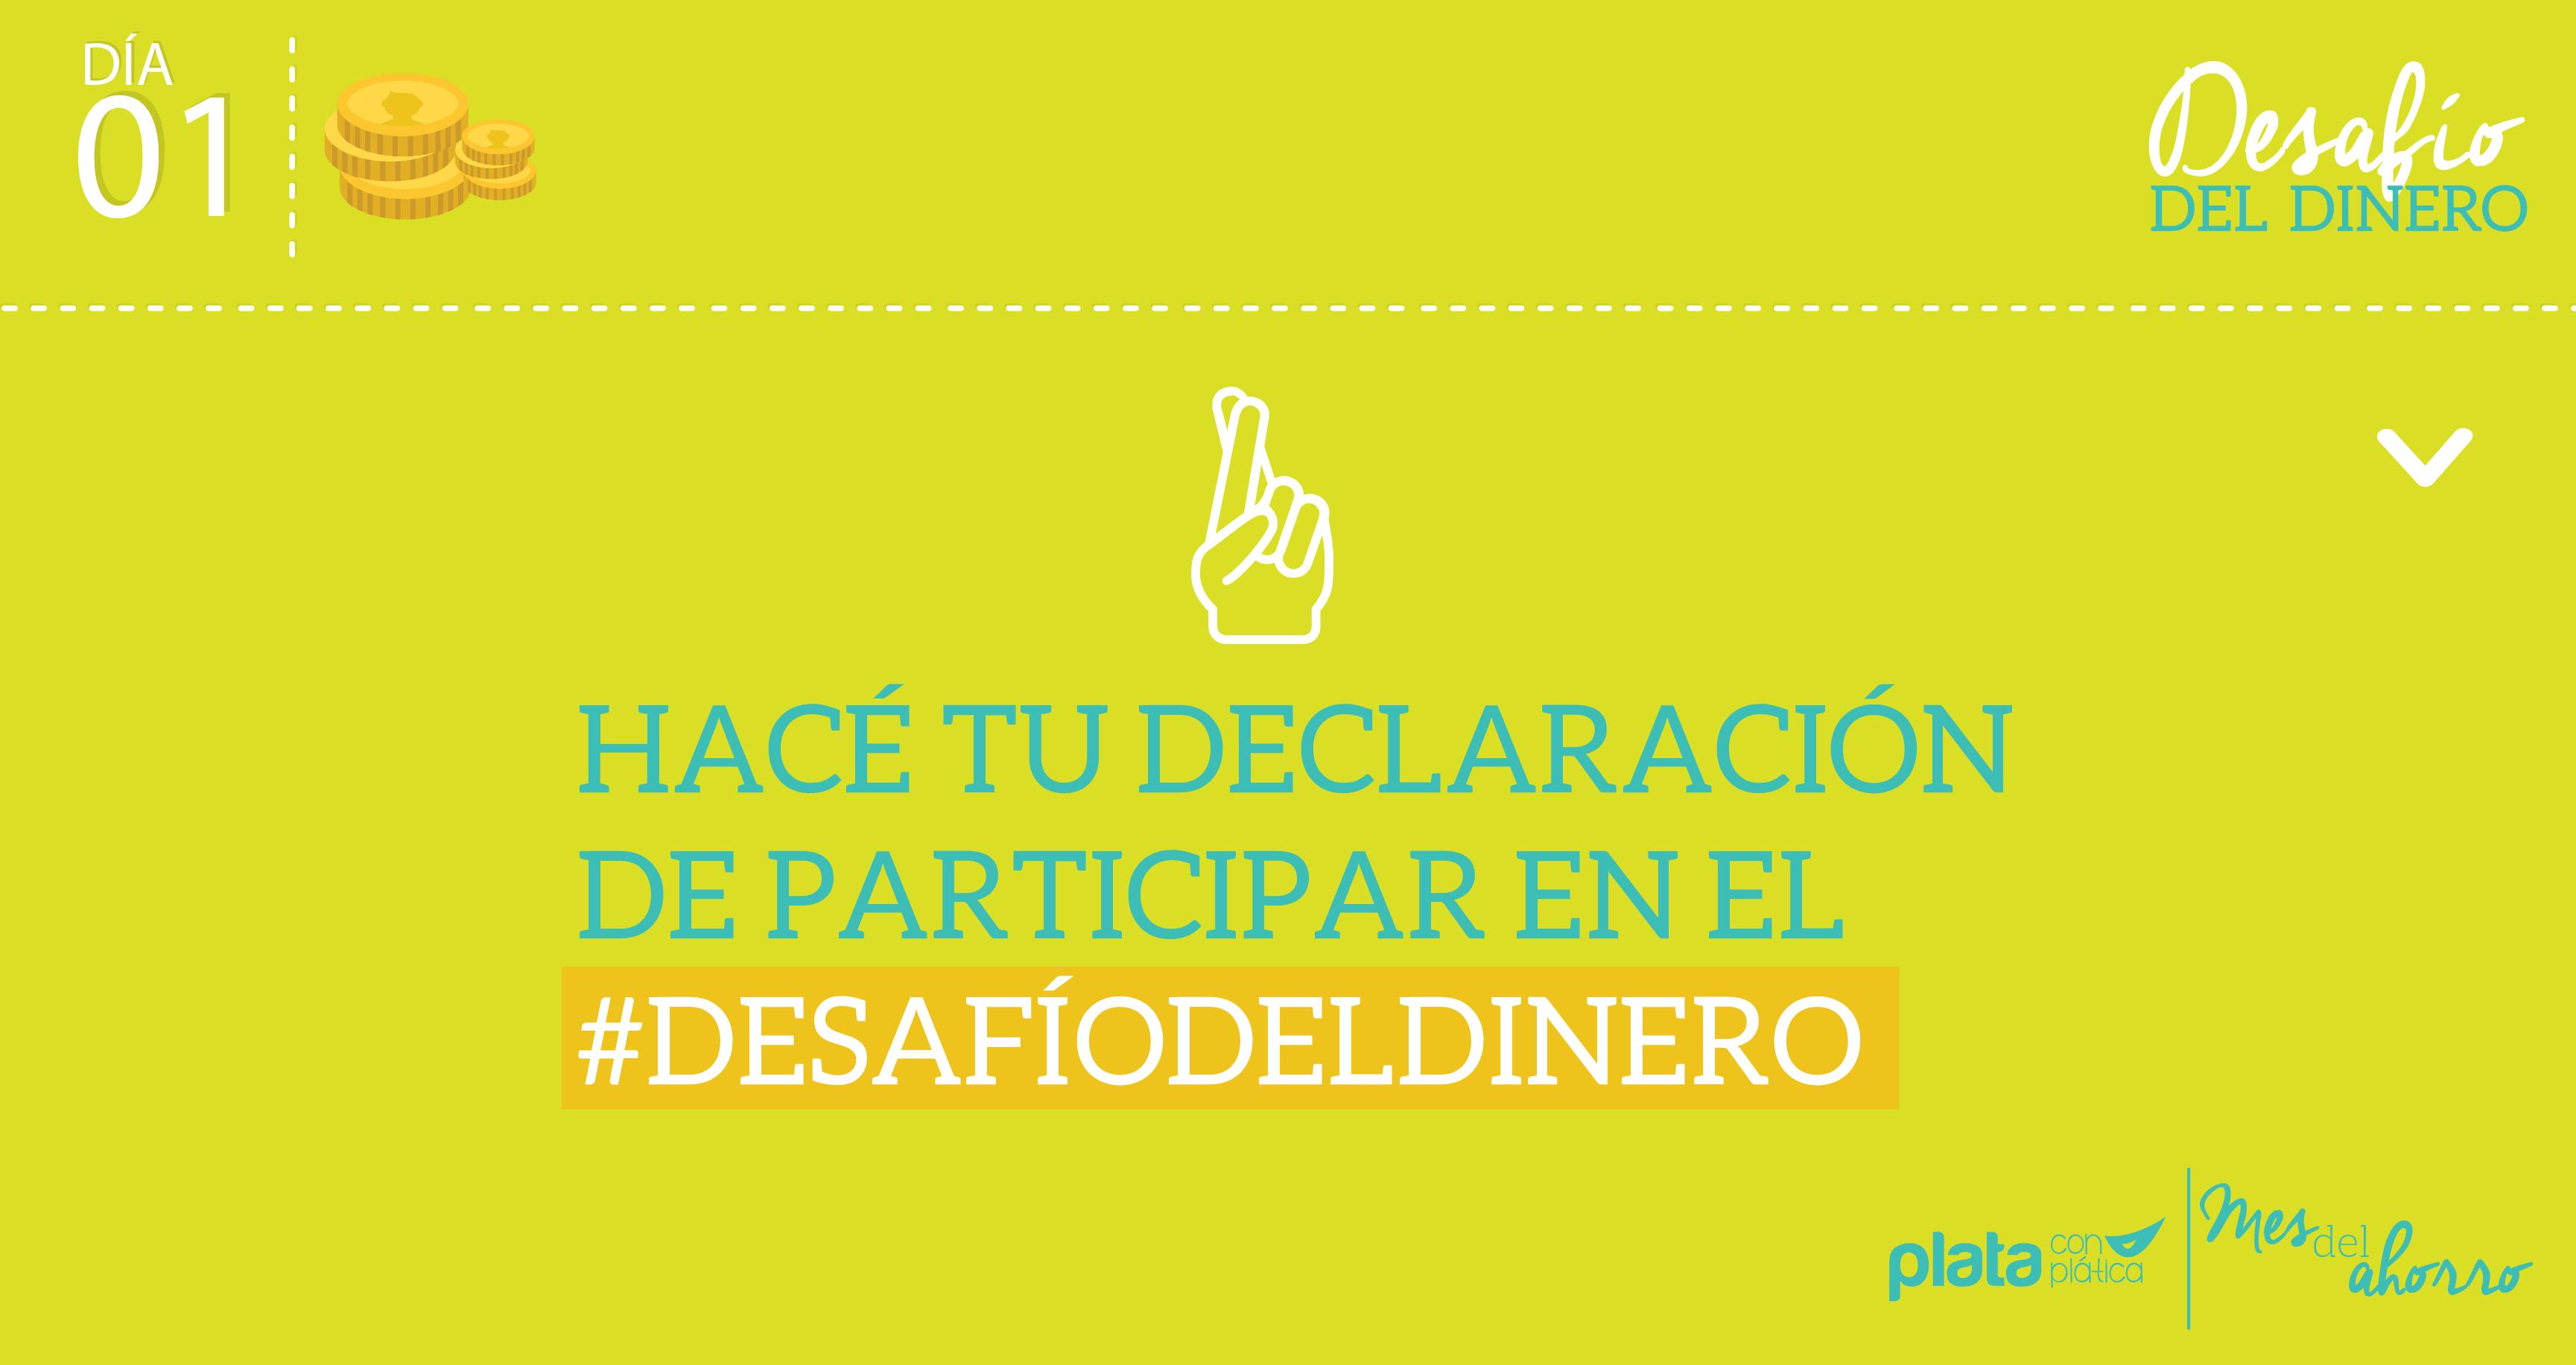 blogpostpcp-mesdelahorro-01-01